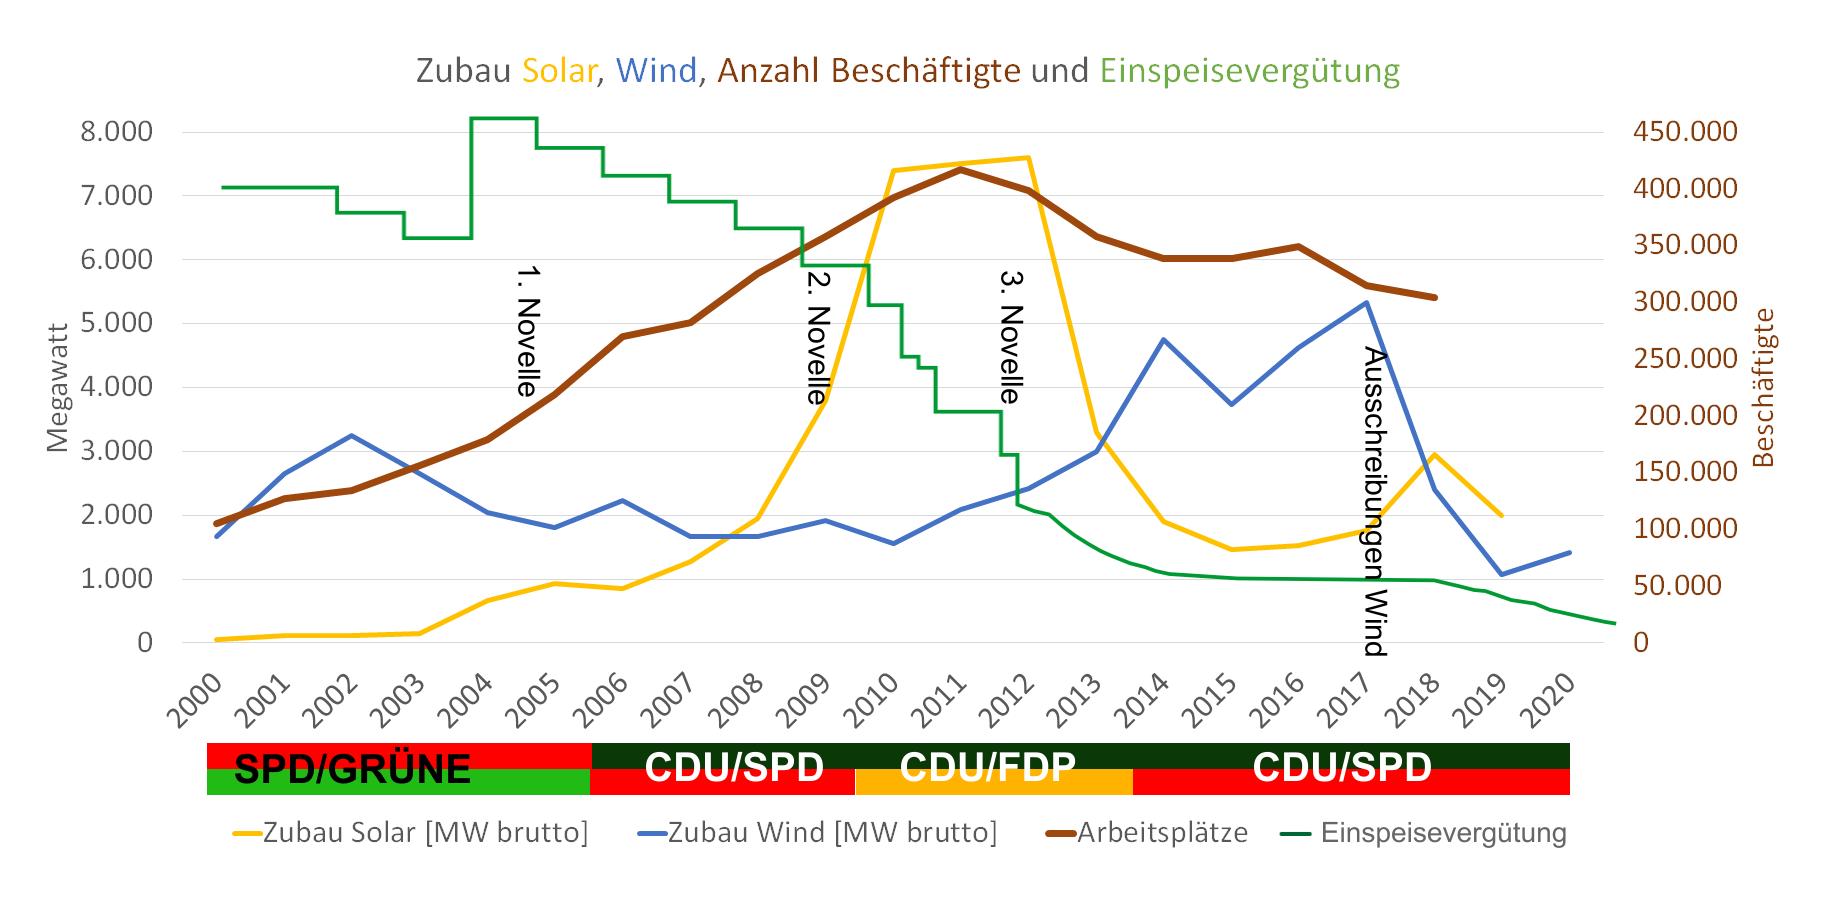 Ausbau der Erneuerbaren Energien